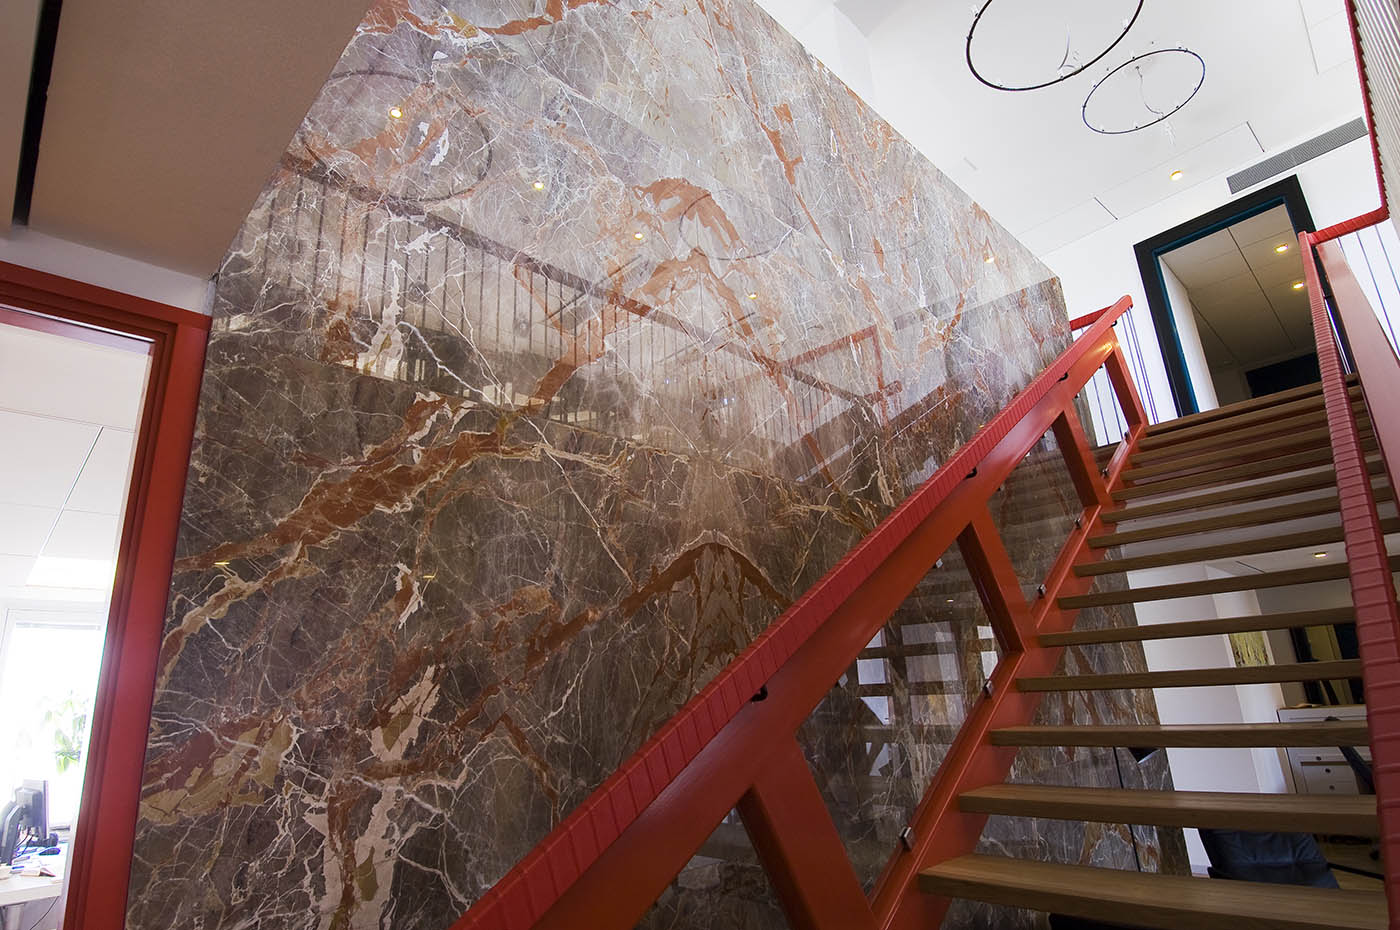 Kontakta oss för sten och marksten i Stockholm. Vi levererar olika typer, här en spräcklig väggsten i rött och brunt.